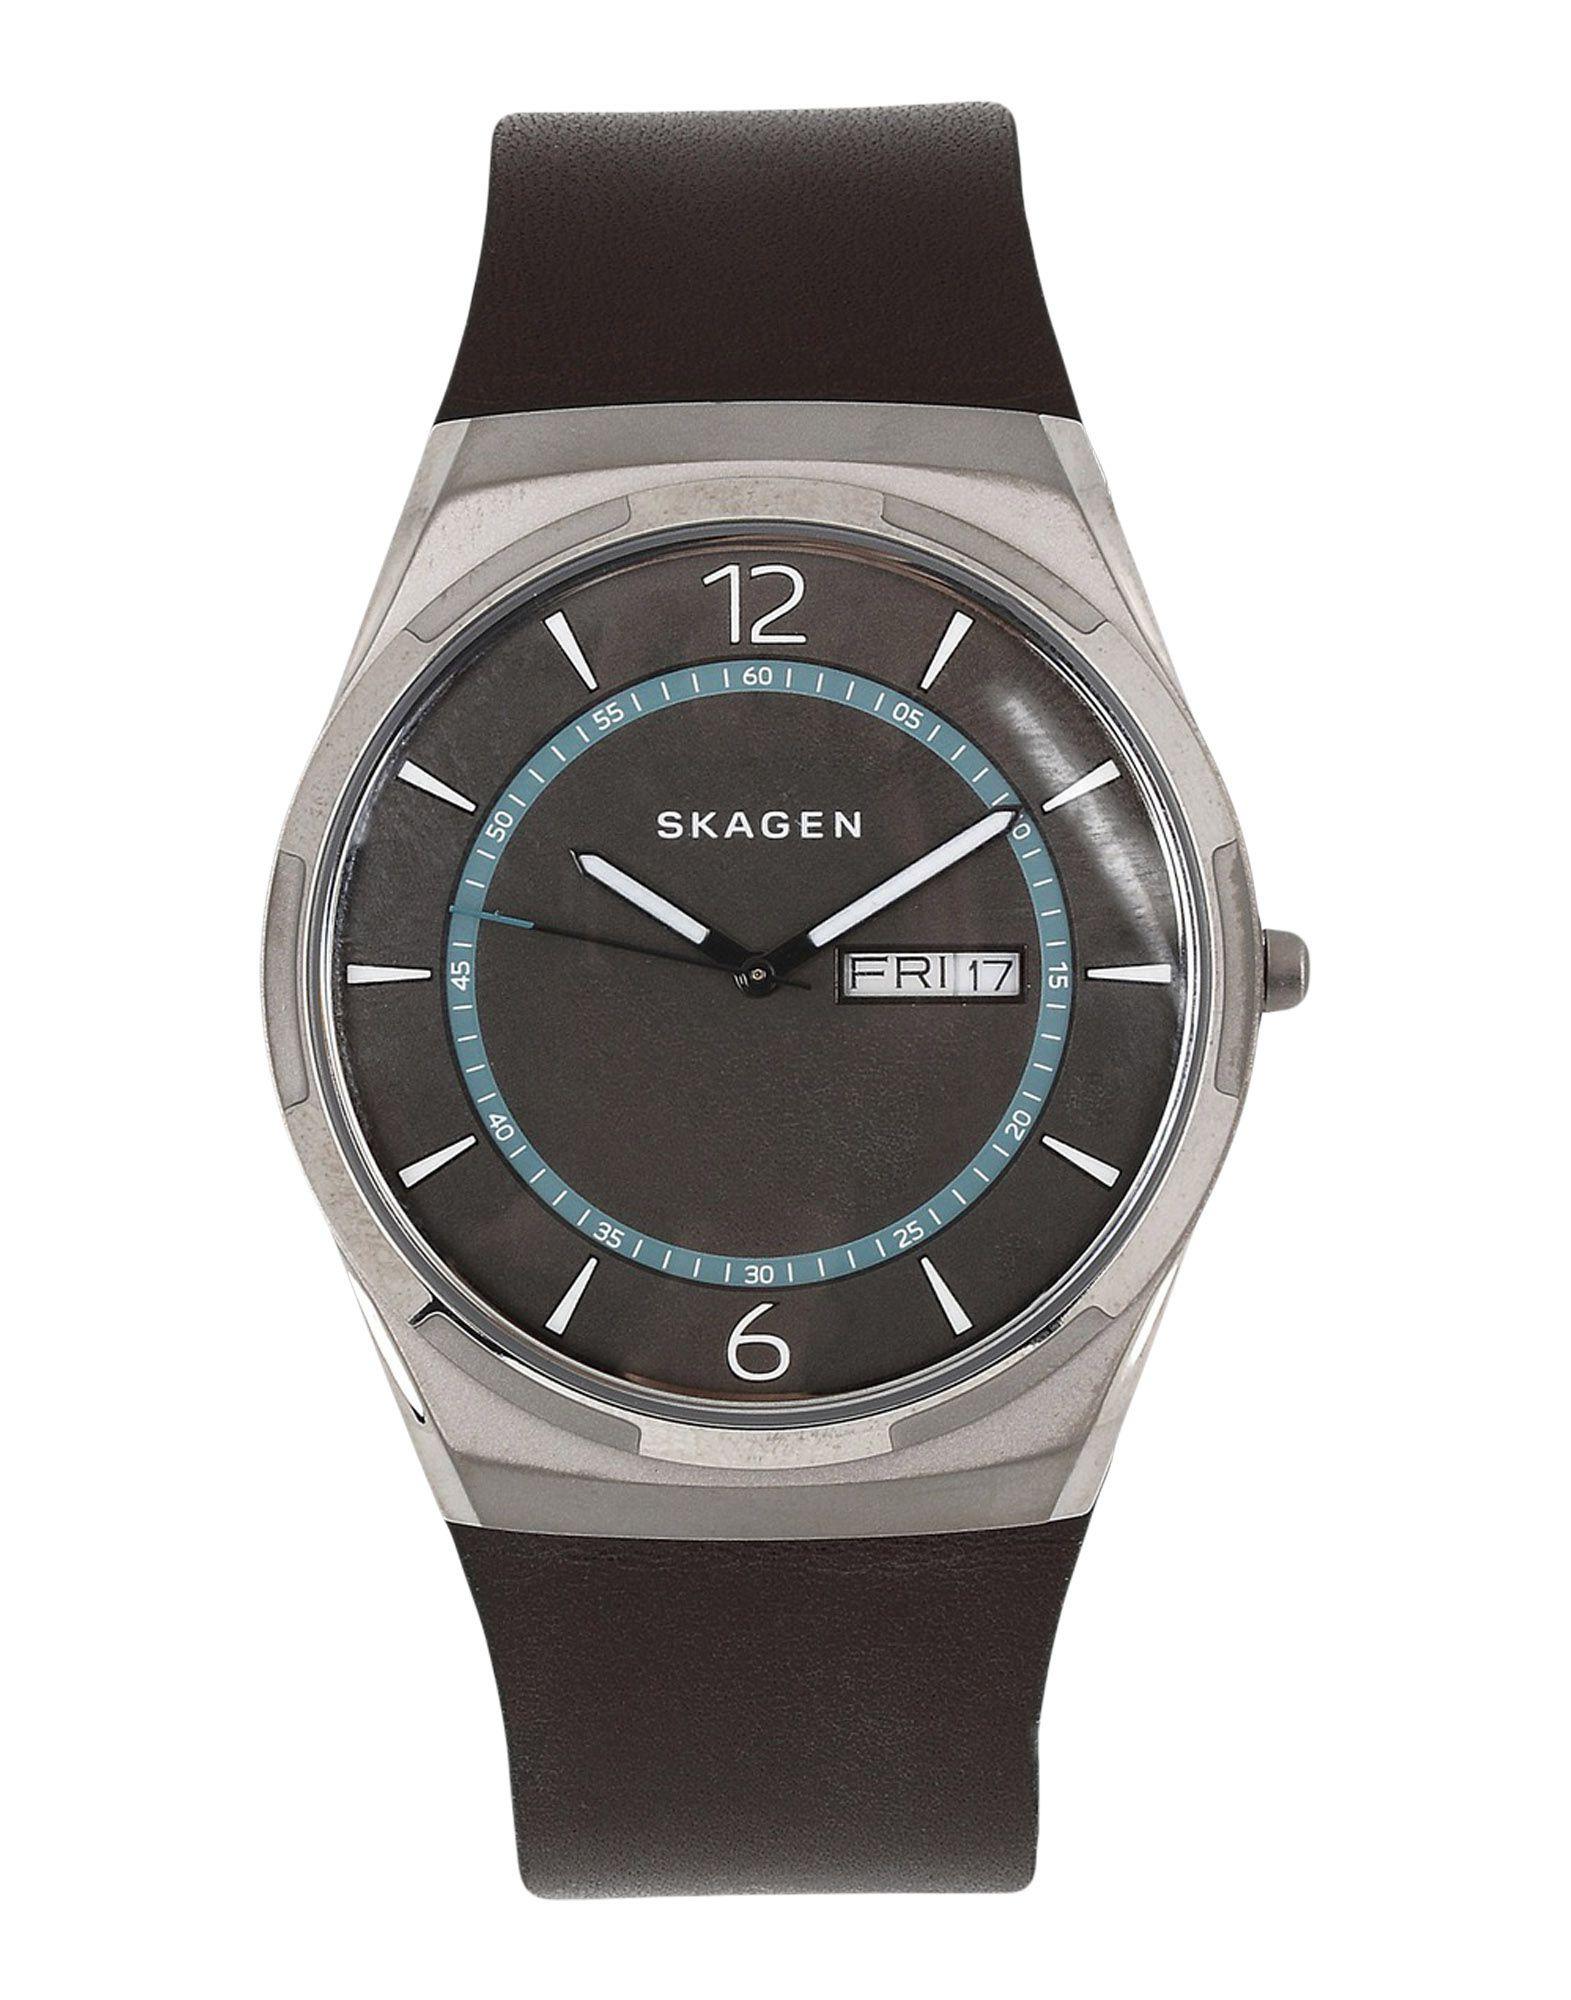 Skagen Denmark Wrist Watches Shop At Ebates